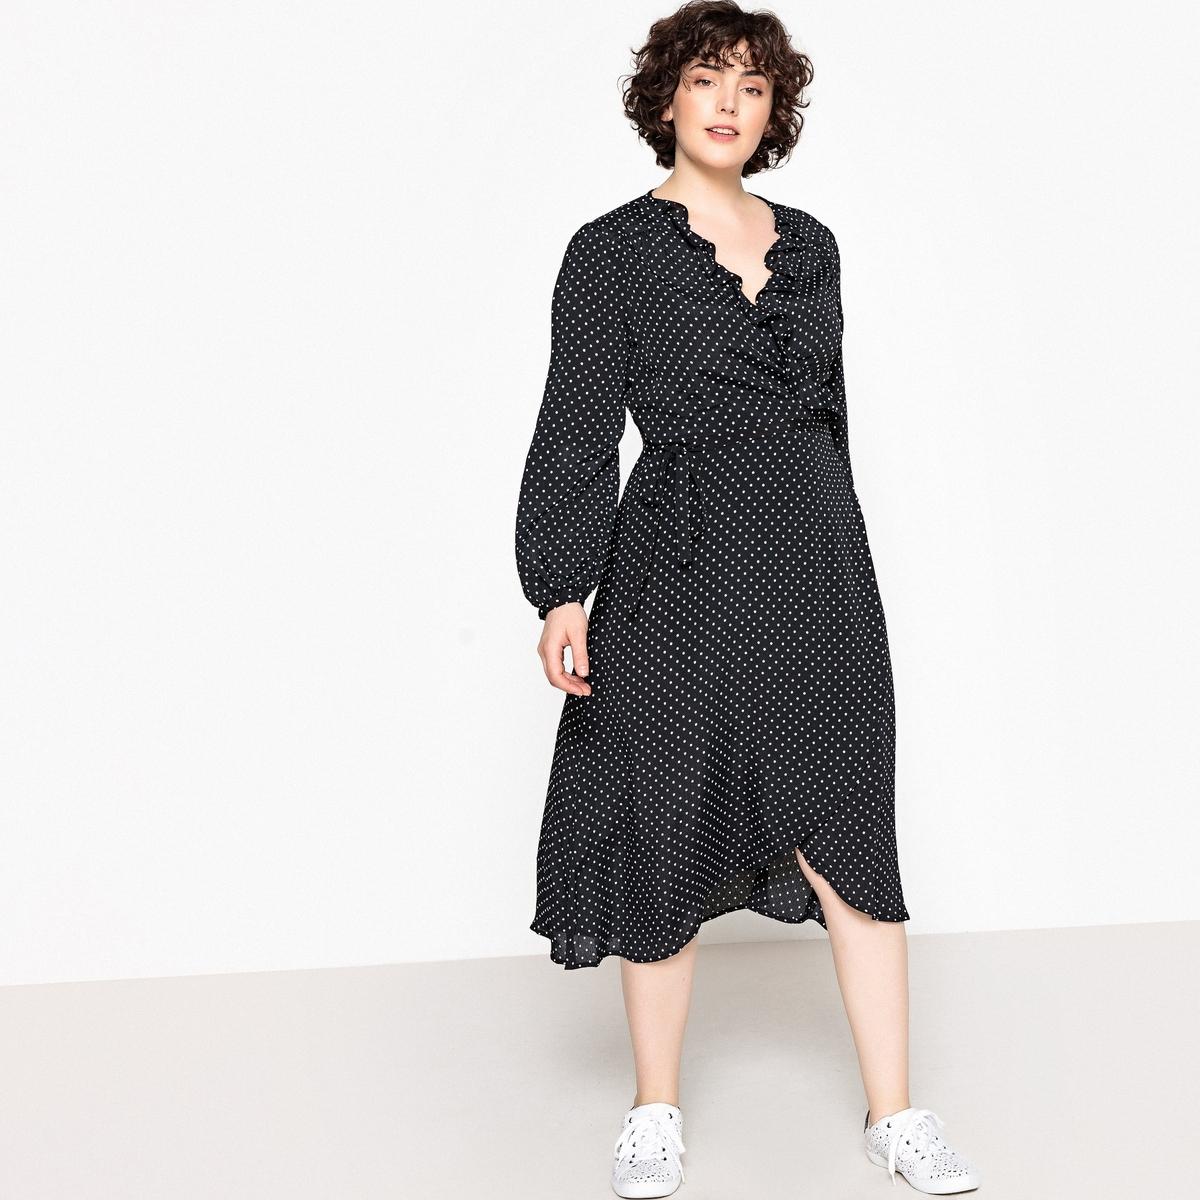 все цены на Платье длинное с запахом с рисунком в горошек онлайн